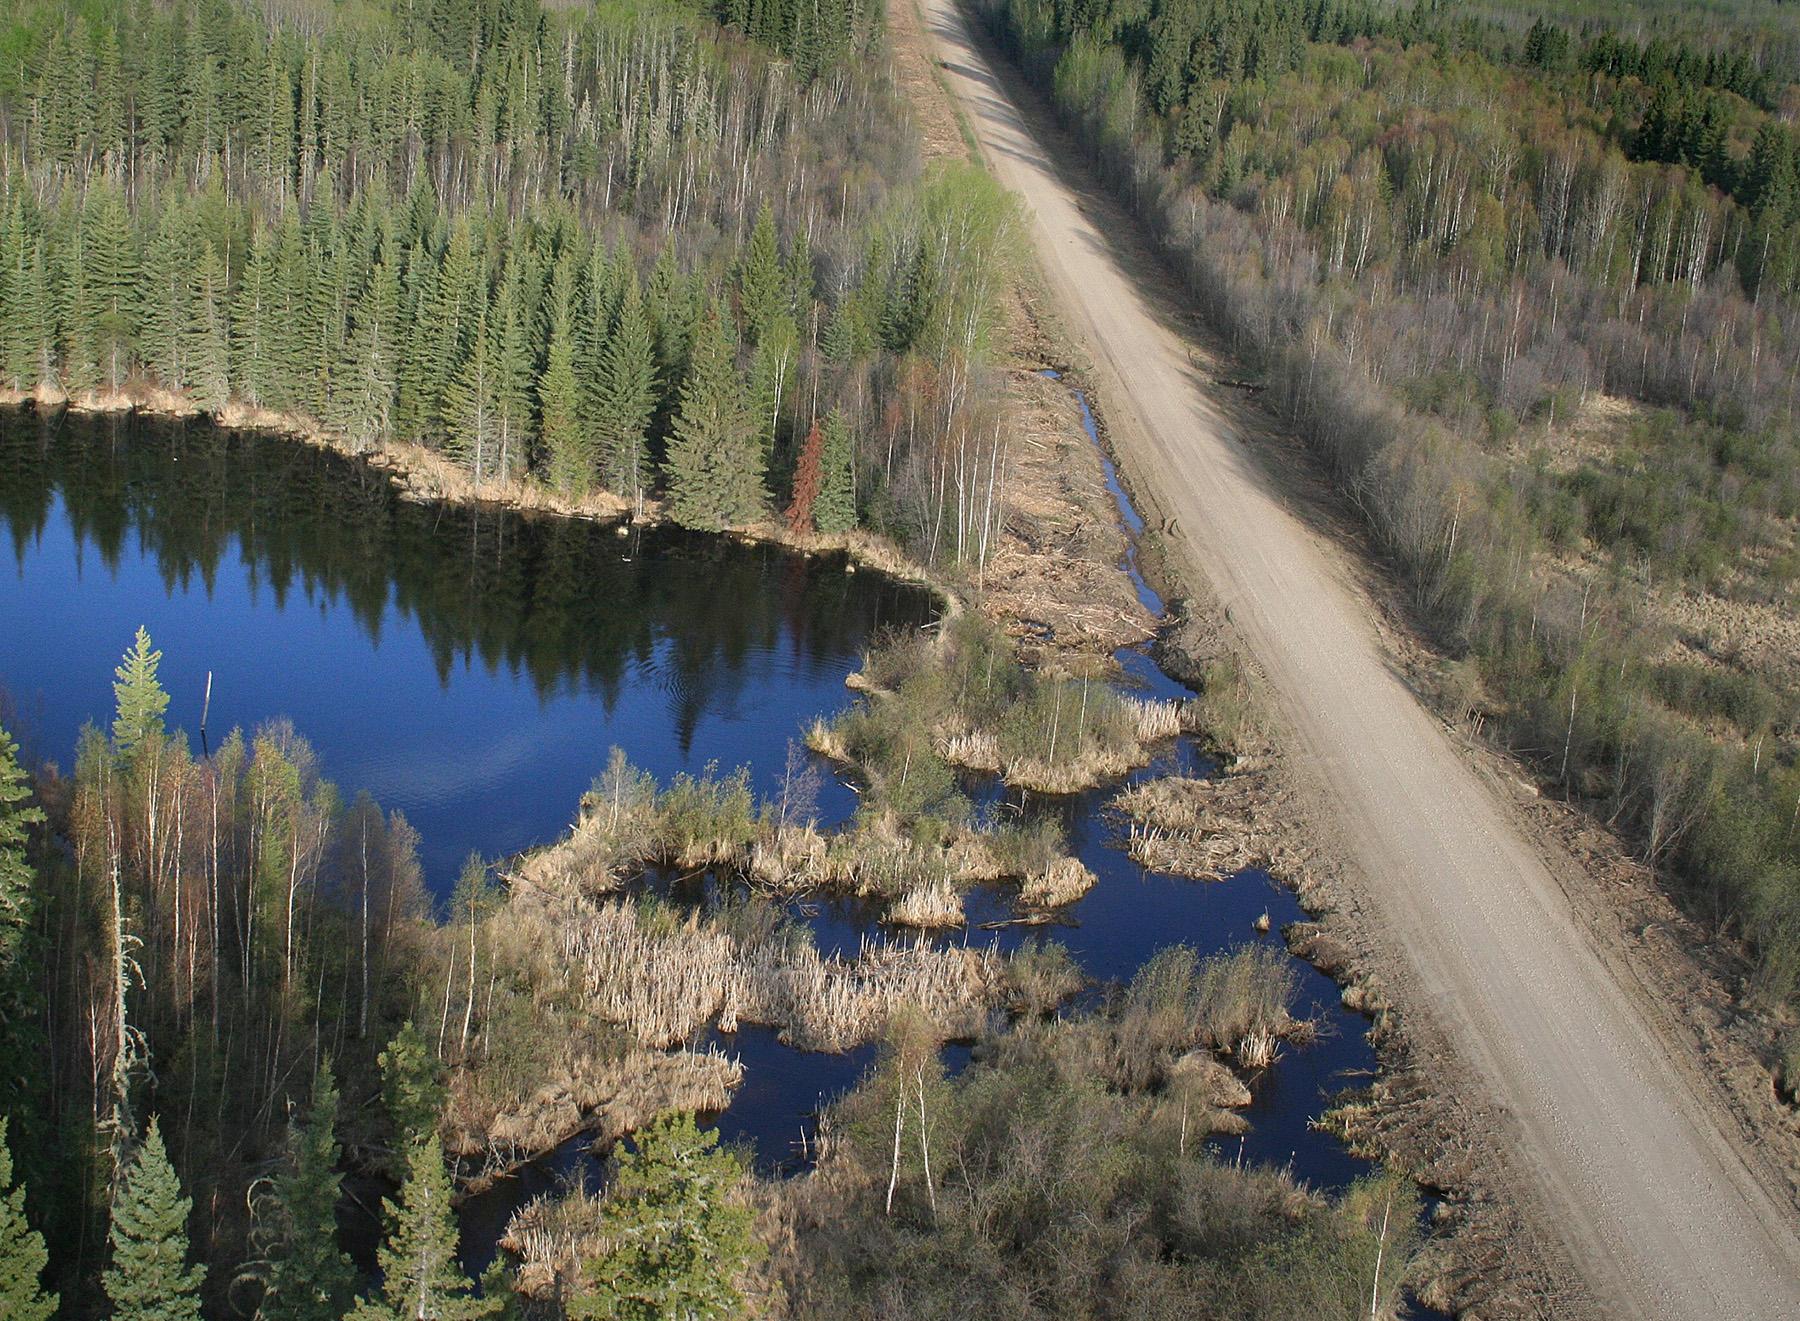 wetland-road-hydrologic-impairment